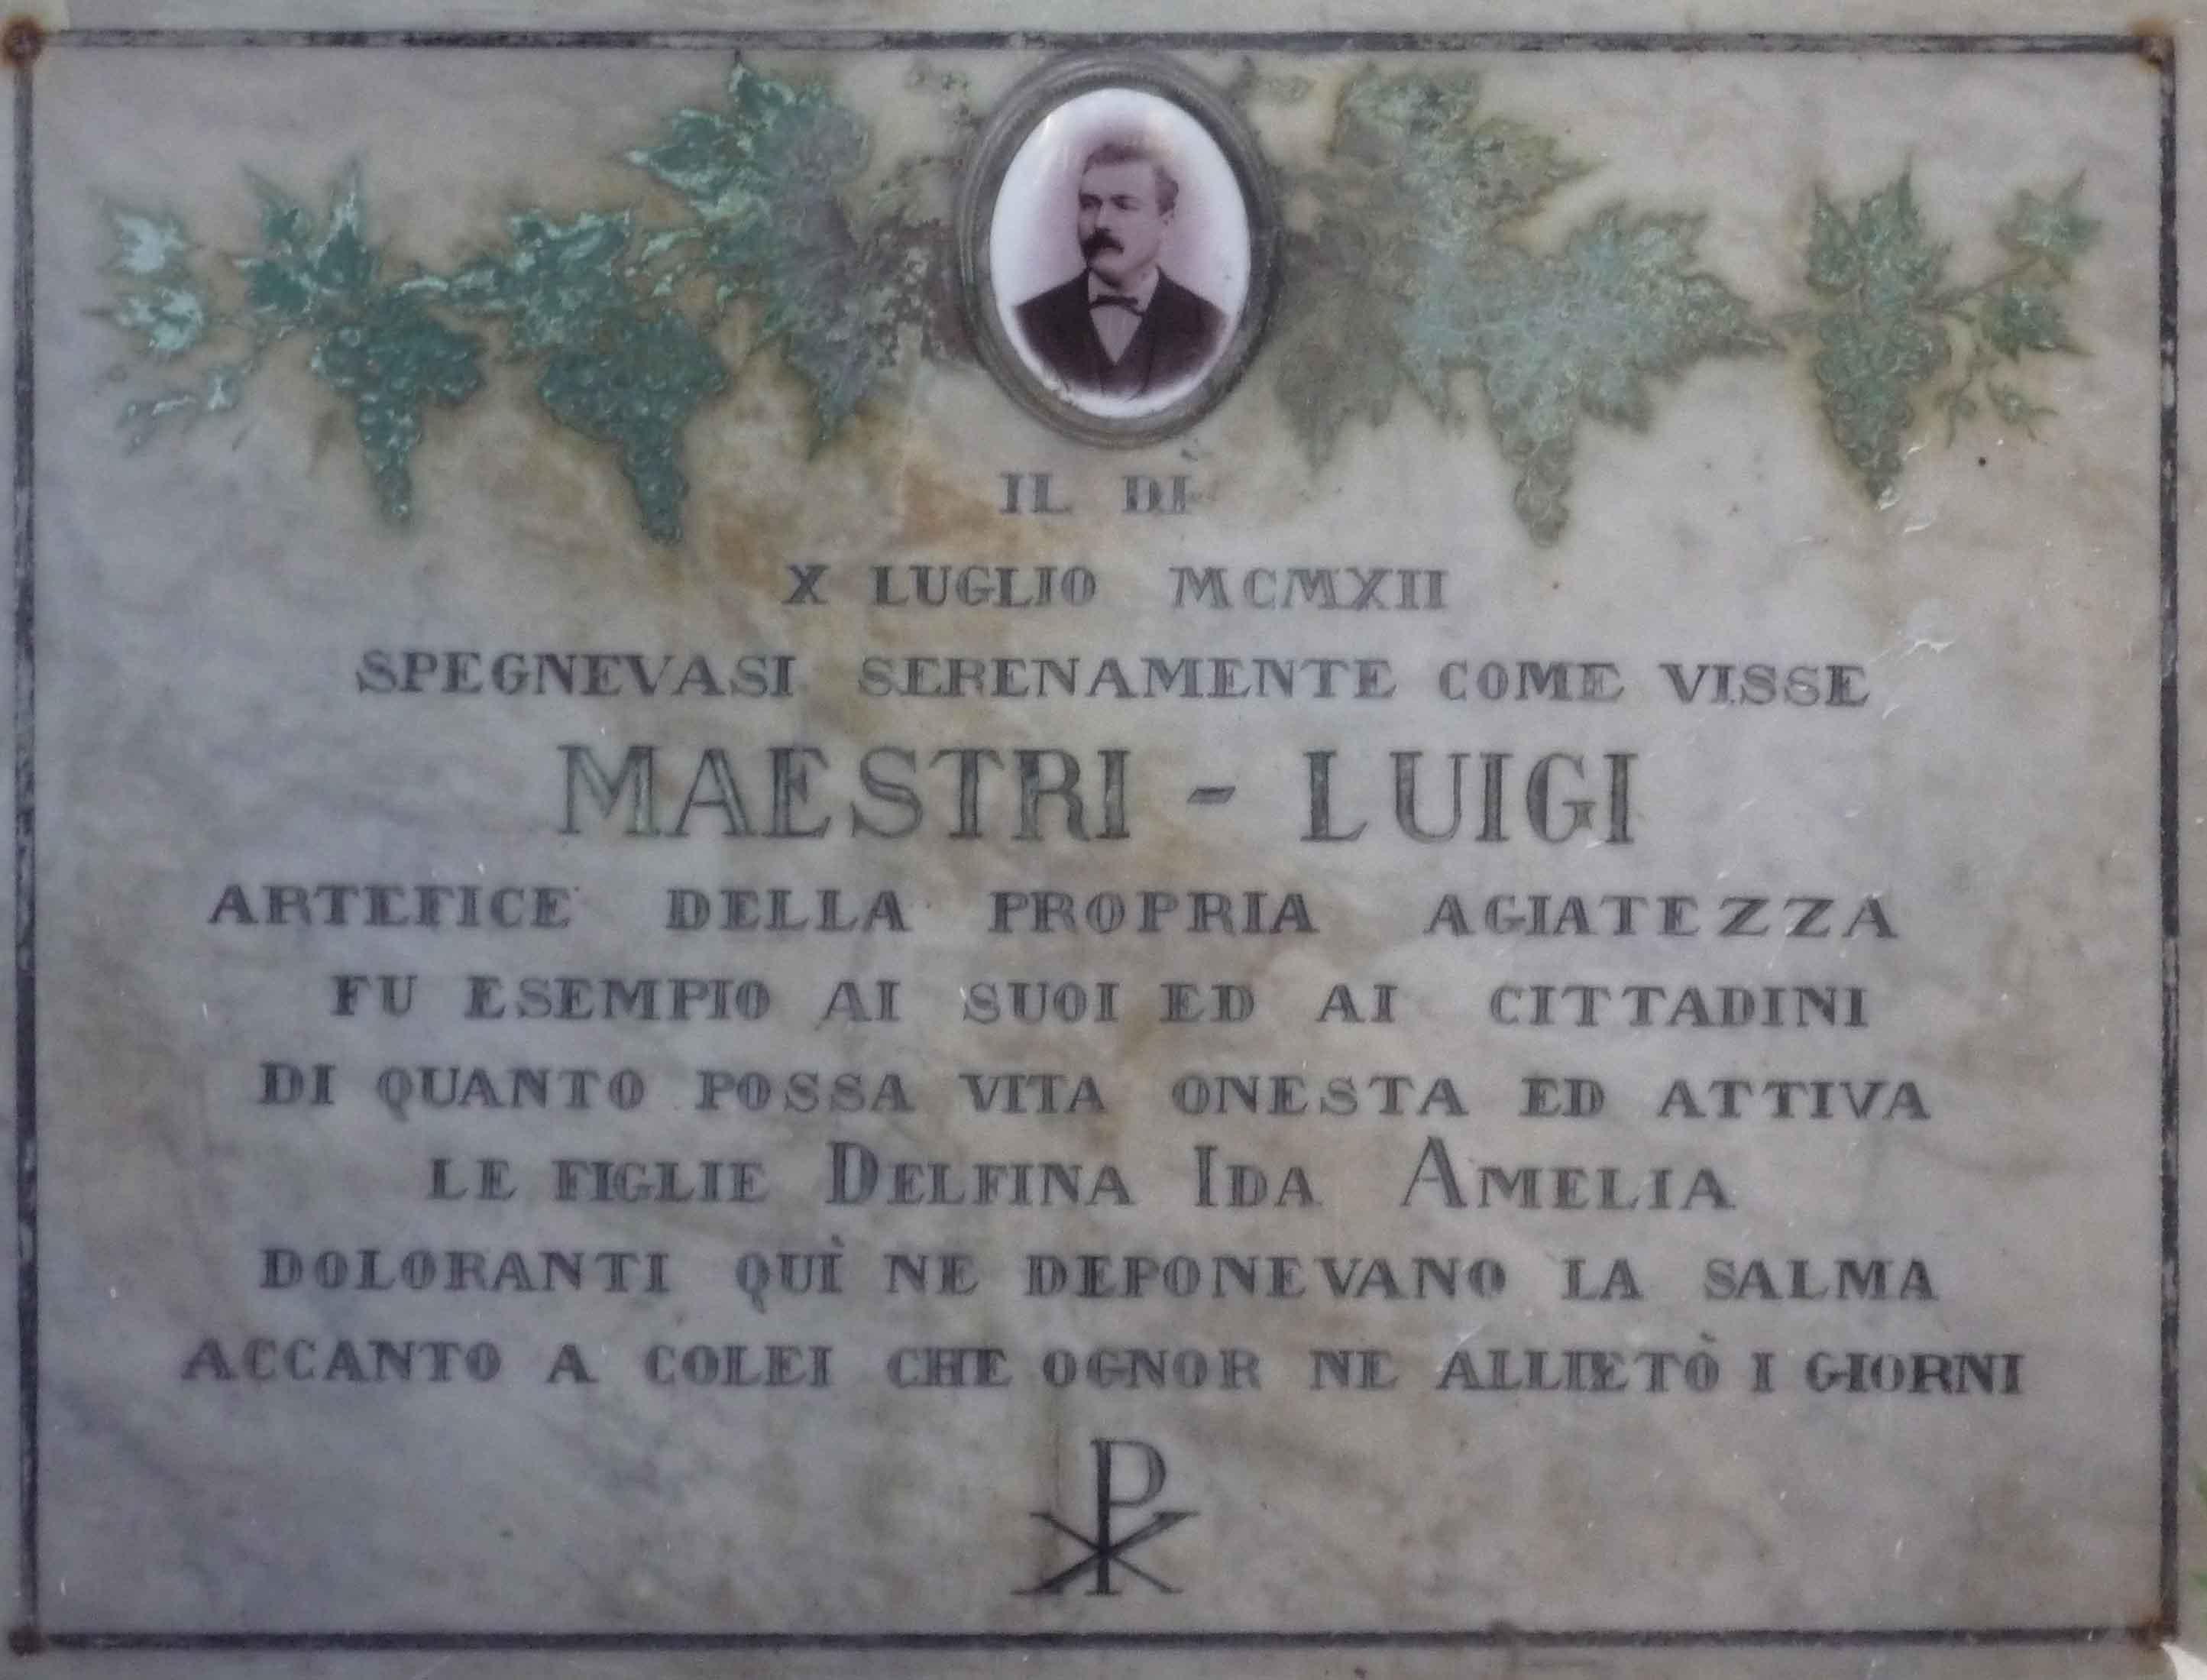 12. La sepoltura di Luigi Maestri nel cimitero di Valera, presso Parma, reca incise foglie di vite come motivo ornamentale, a ricordo della sua importante attività di viticoltore e di selezionatore della varietà di lambrusco che ancor oggi porta il suo nome.